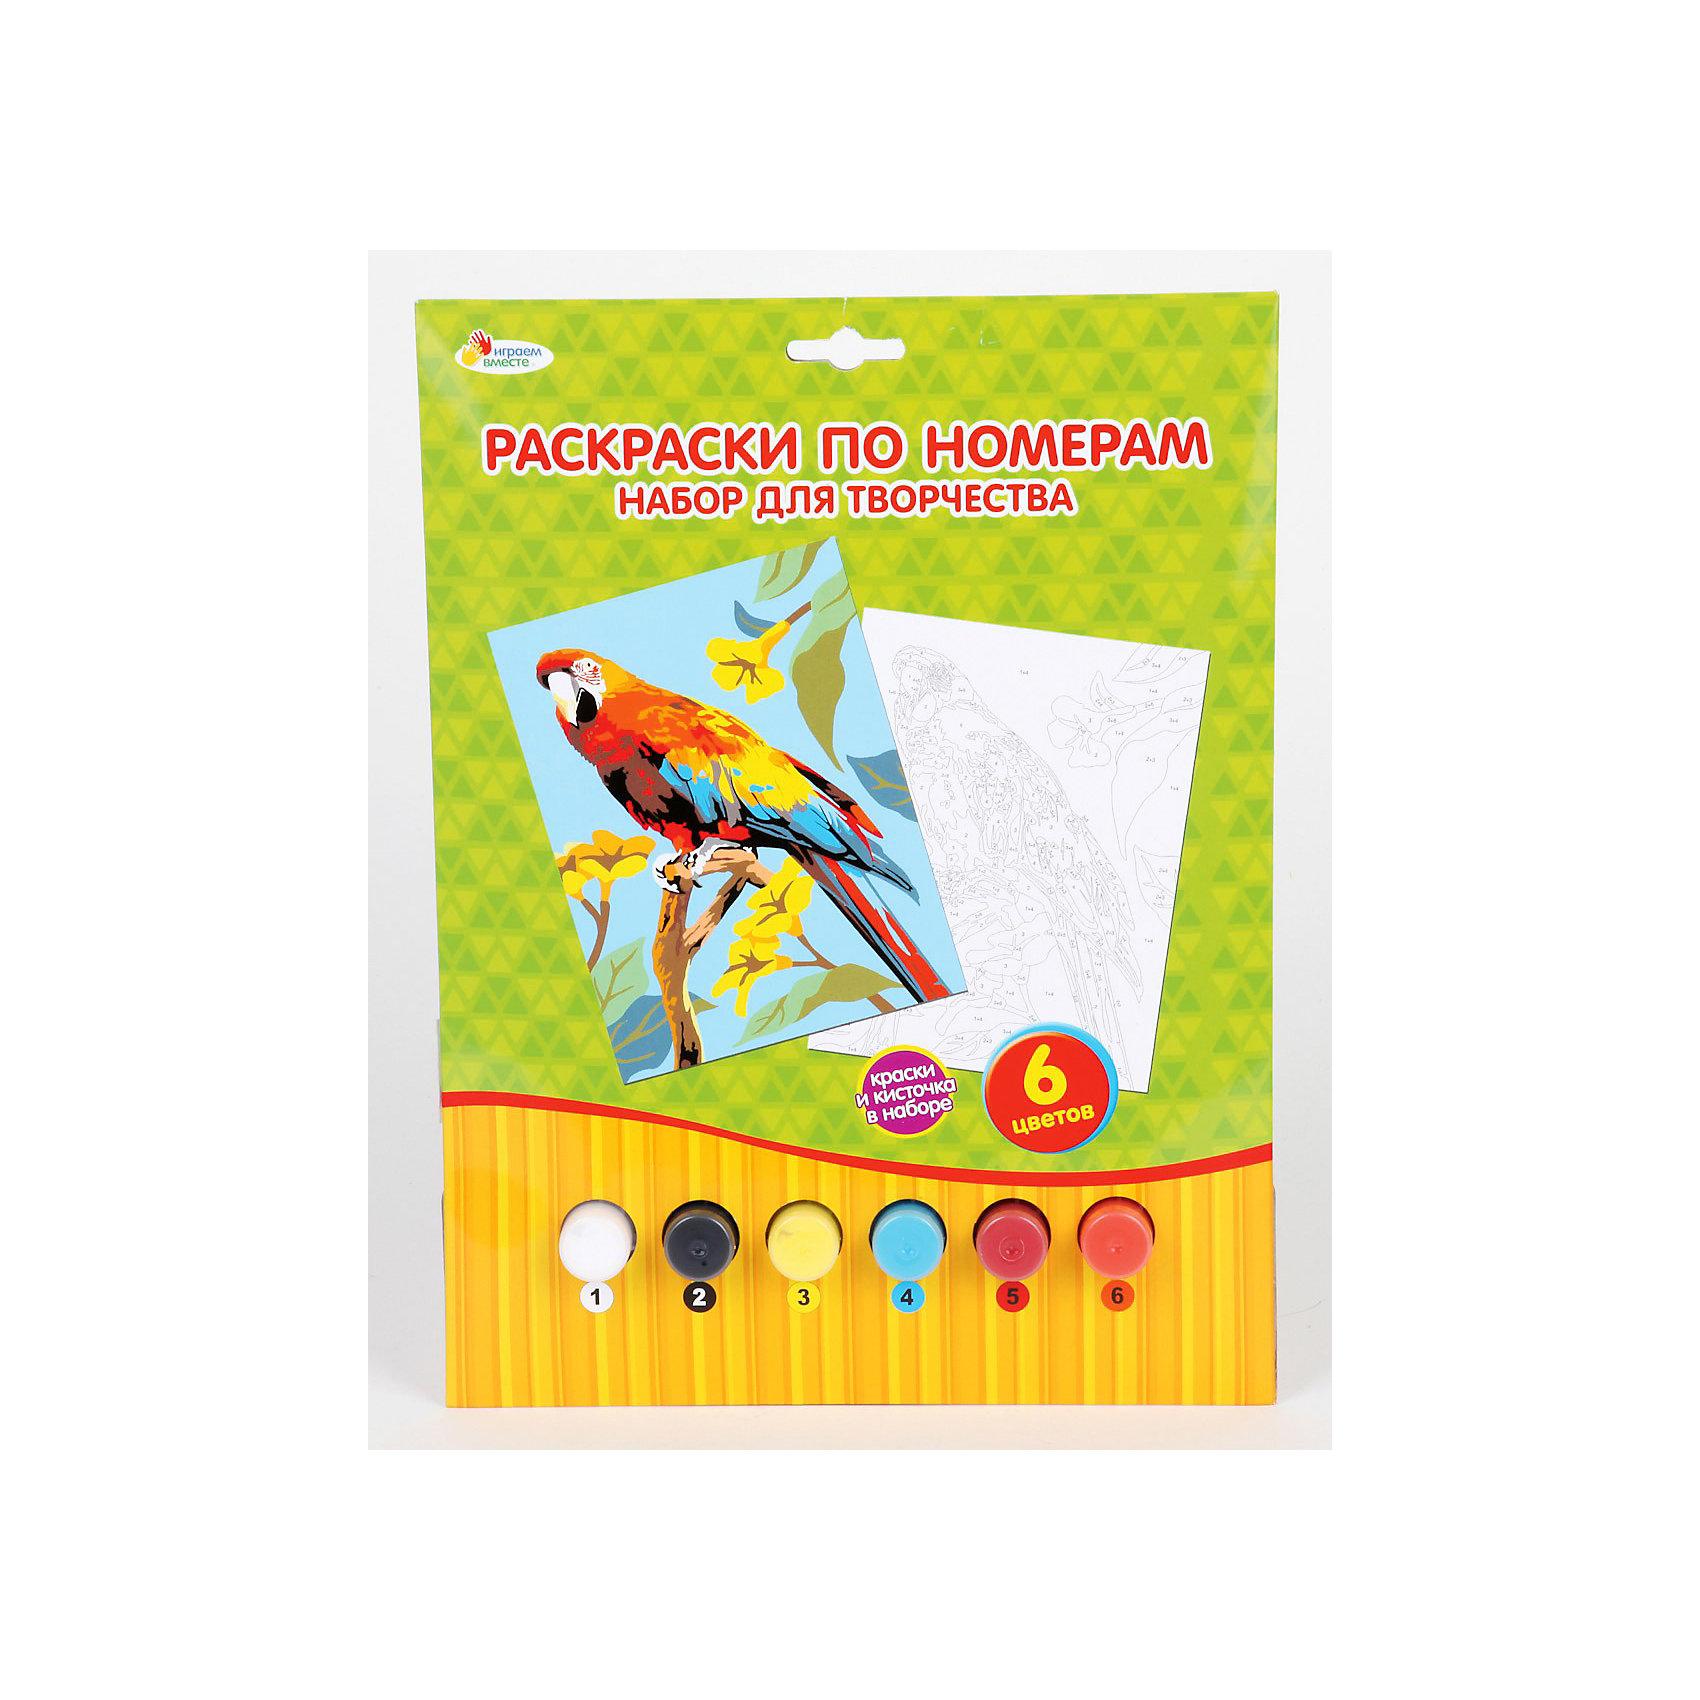 Раскраска по номерам ПопугайРаскраска по номерам Попугай. <br>Станет прекрасным развивающим творческие способности Вашего малыша подарком. Понятная инструкция, четкий контур помогут Вашему юному художнику создать настоящий шедевр живописи! <br><br>Дополнительная информация:<br><br>В наборе: <br>картинка-основа с нанесённым контуром, <br>краски 6 цветов,<br> кисточка, <br>палитра, <br>инструкция<br><br>Надолго сохранит воспоминания о прекрасных минутах творчества!<br>Можно с легкостью приобрести в нашем интернет-магазине!<br><br>Ширина мм: 20<br>Глубина мм: 220<br>Высота мм: 290<br>Вес г: 160<br>Возраст от месяцев: 24<br>Возраст до месяцев: 84<br>Пол: Унисекс<br>Возраст: Детский<br>SKU: 3361185